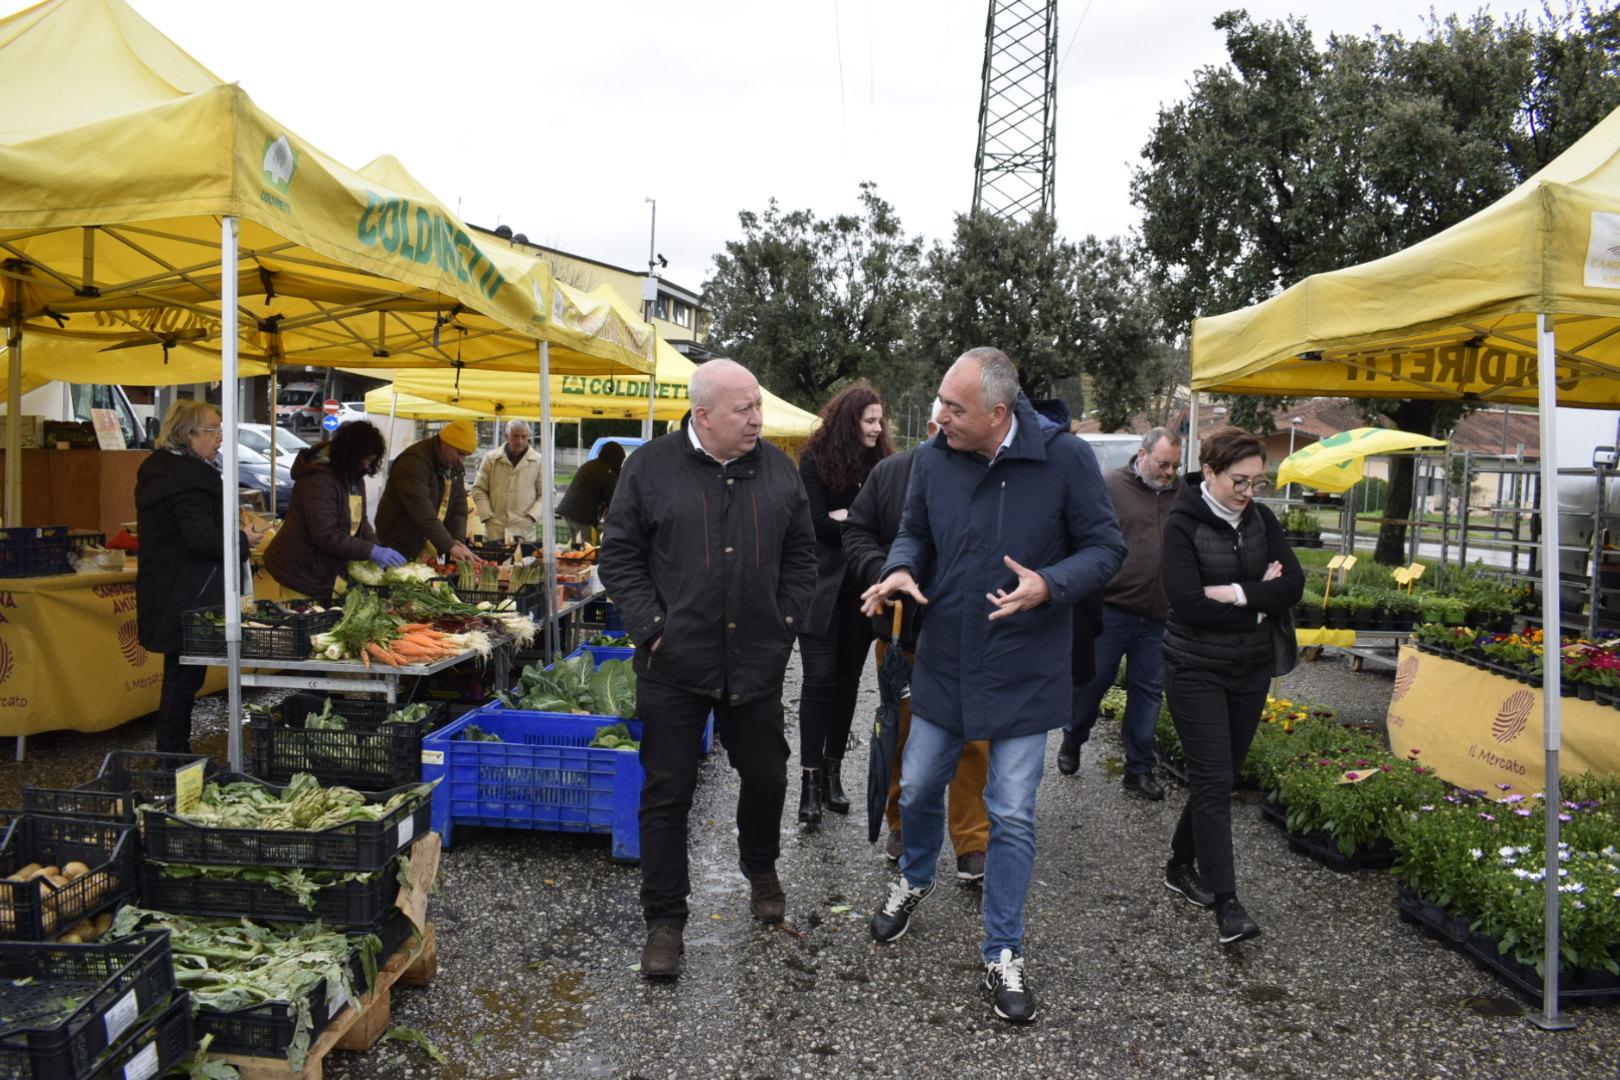 Il sindaco al mercato di Coldiretti per la campagna #mangiaitaliano